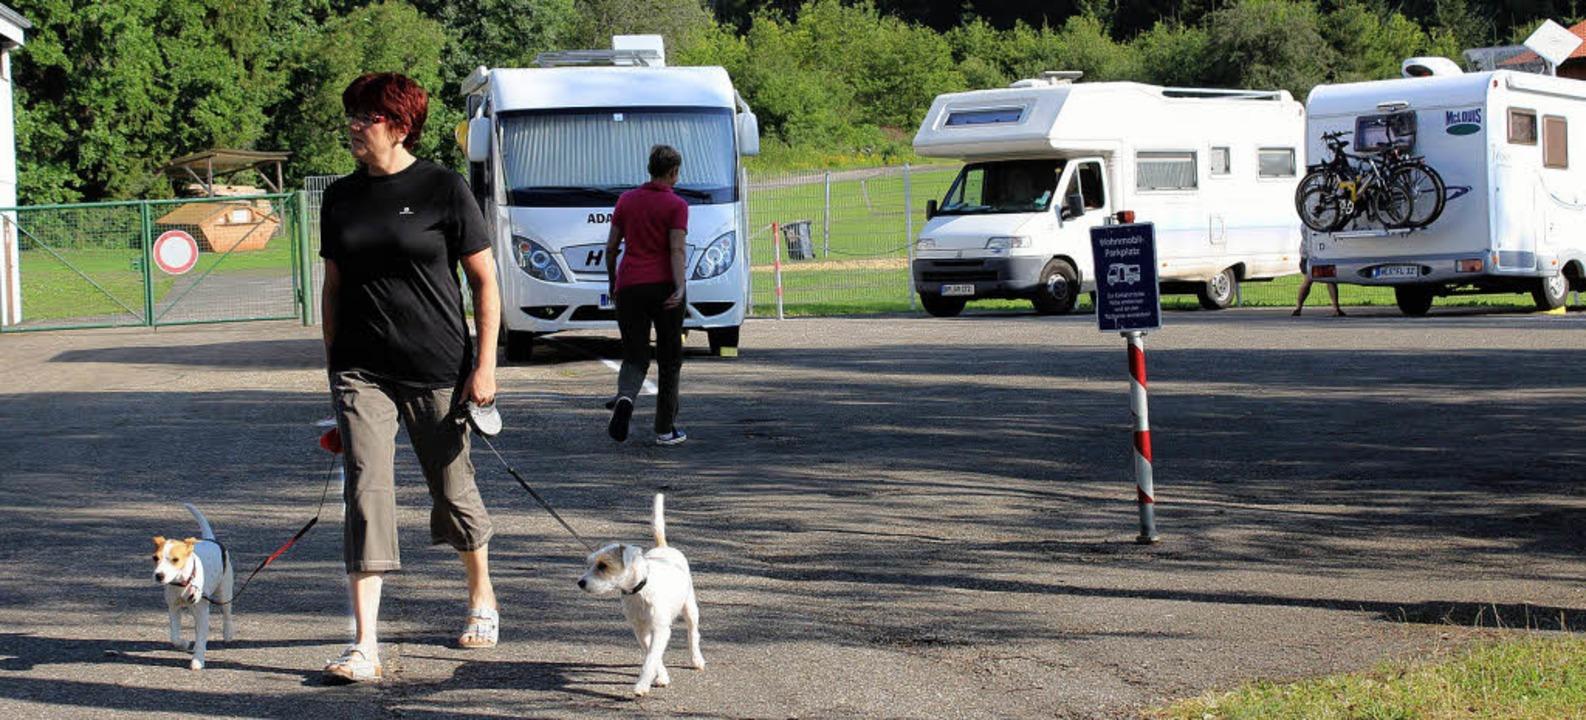 Der Wohnmobil-Stellplatz am Waldbad wi...agegen die beengten Platzverhältnisse.  | Foto: Christa Maier